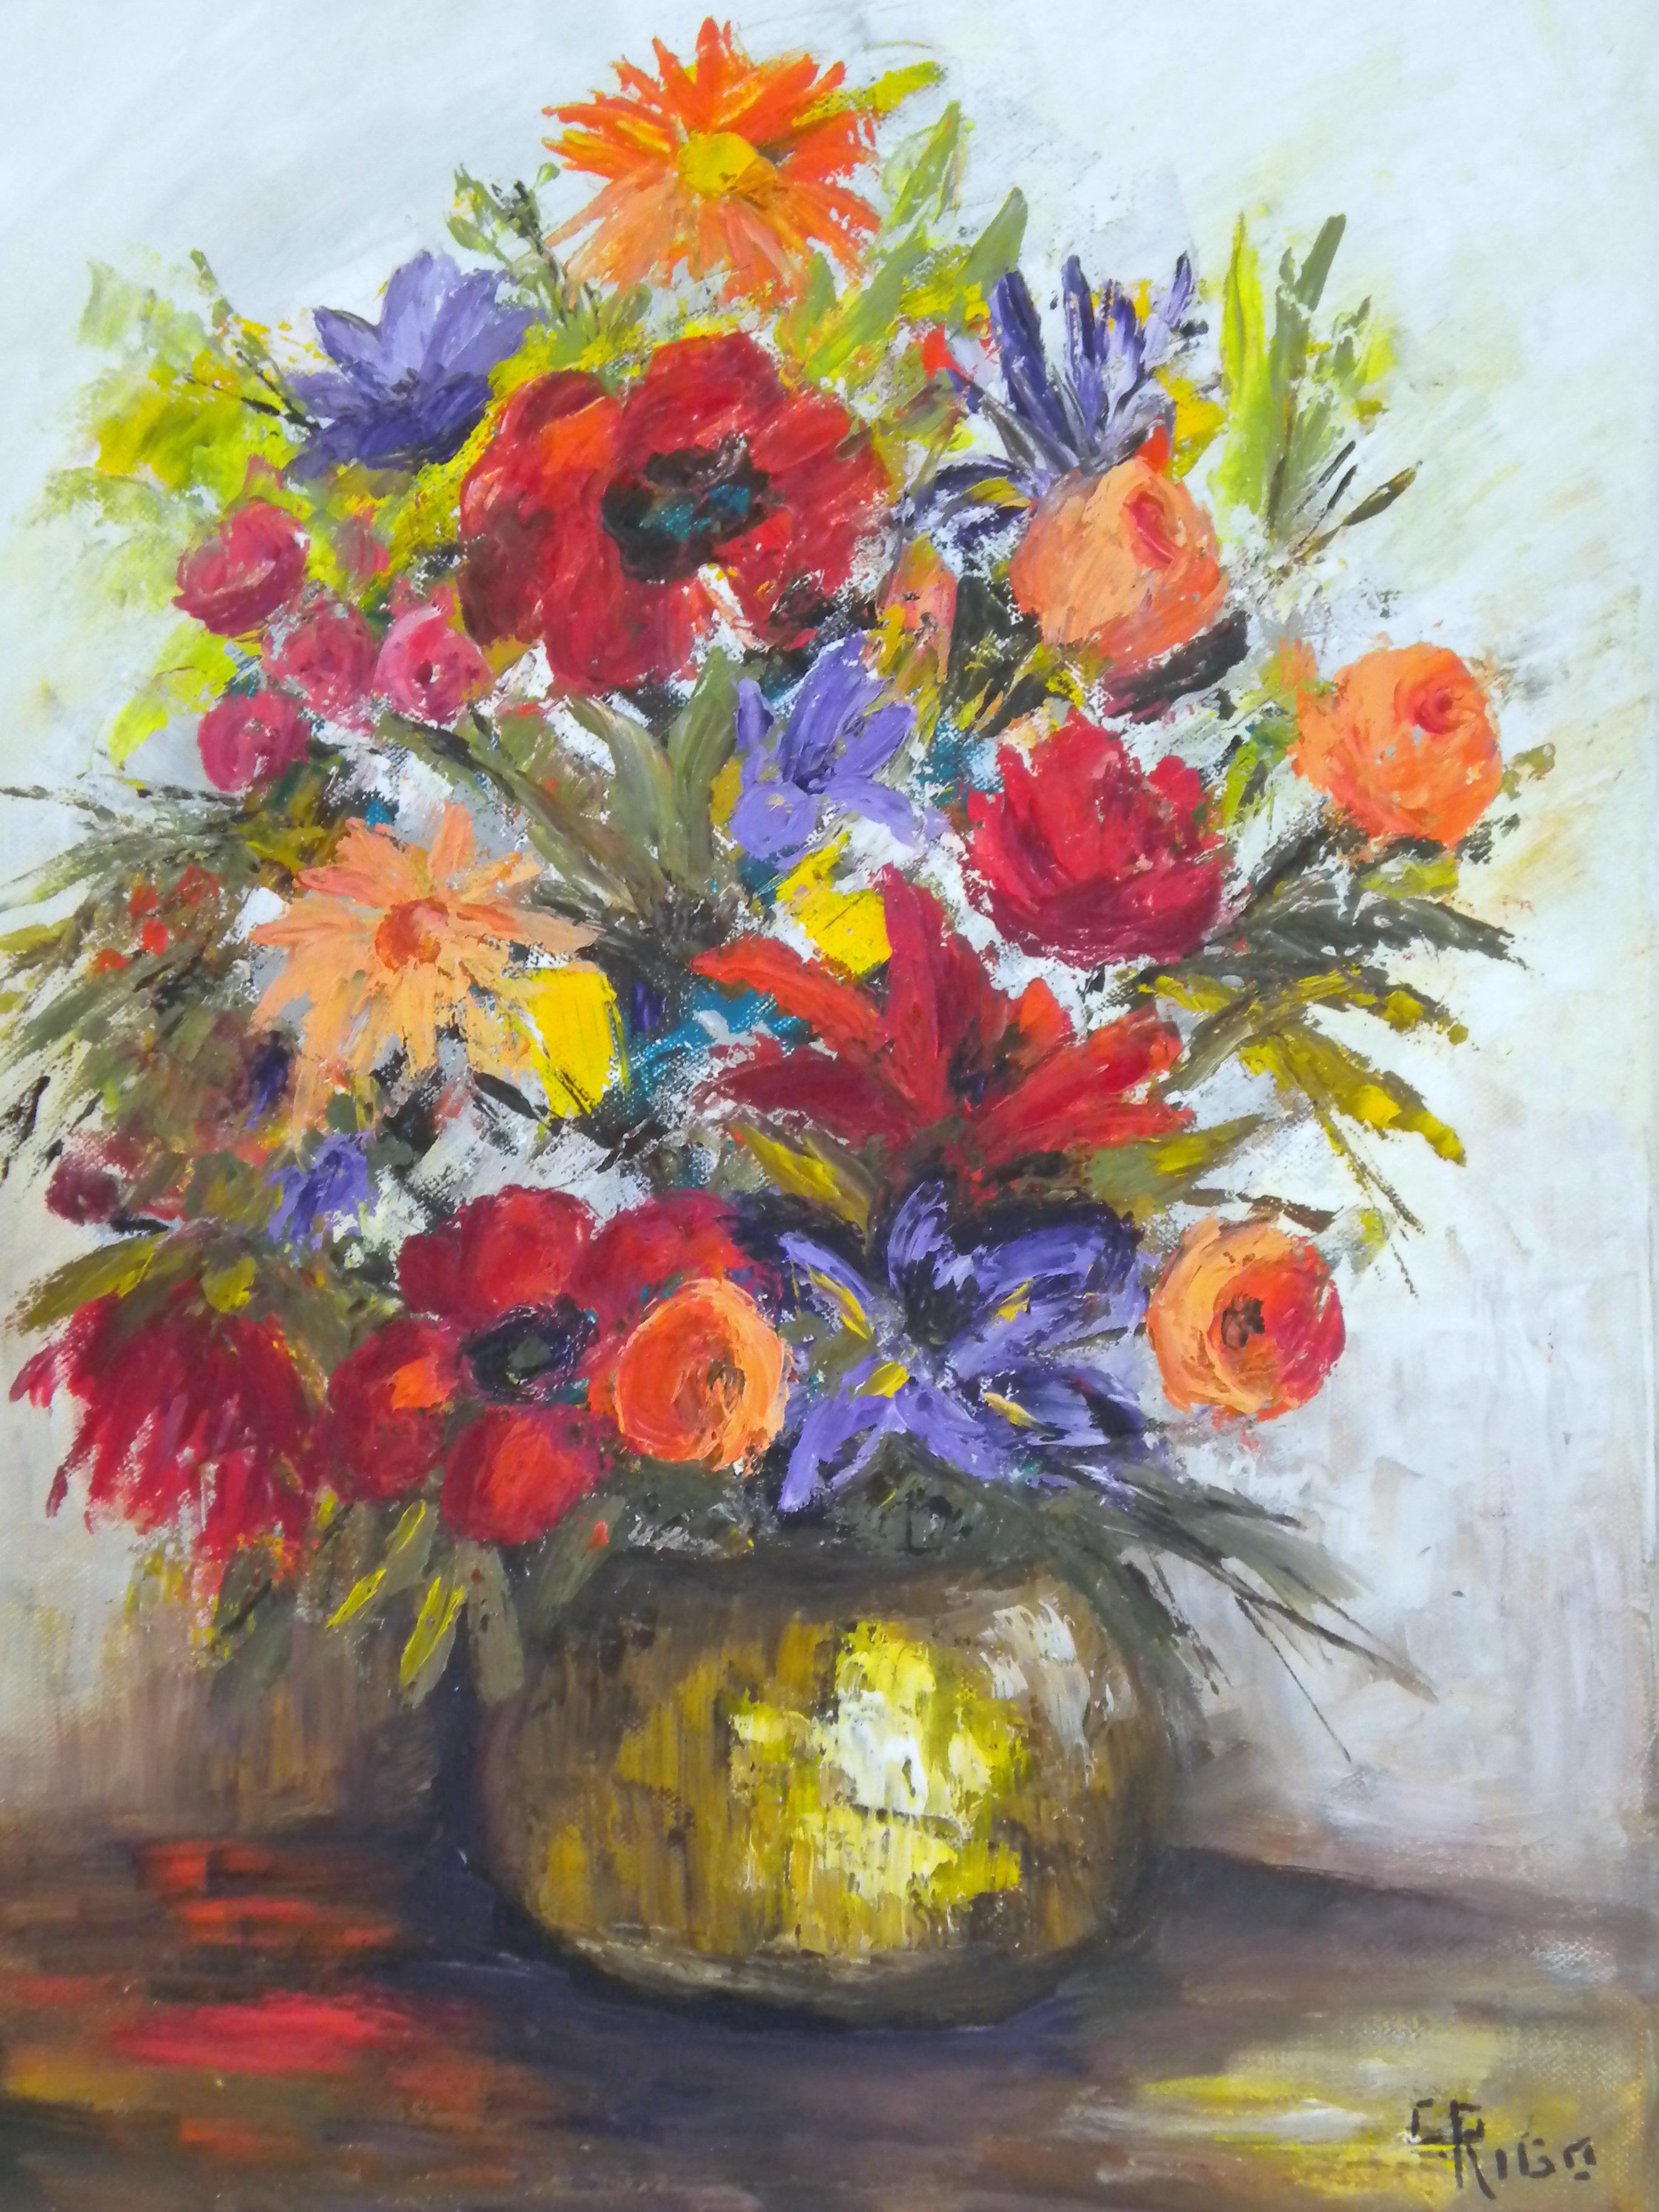 Quadri con vasi di fiori 28 images quadri con vasi di for Vasi di fiori dipinti